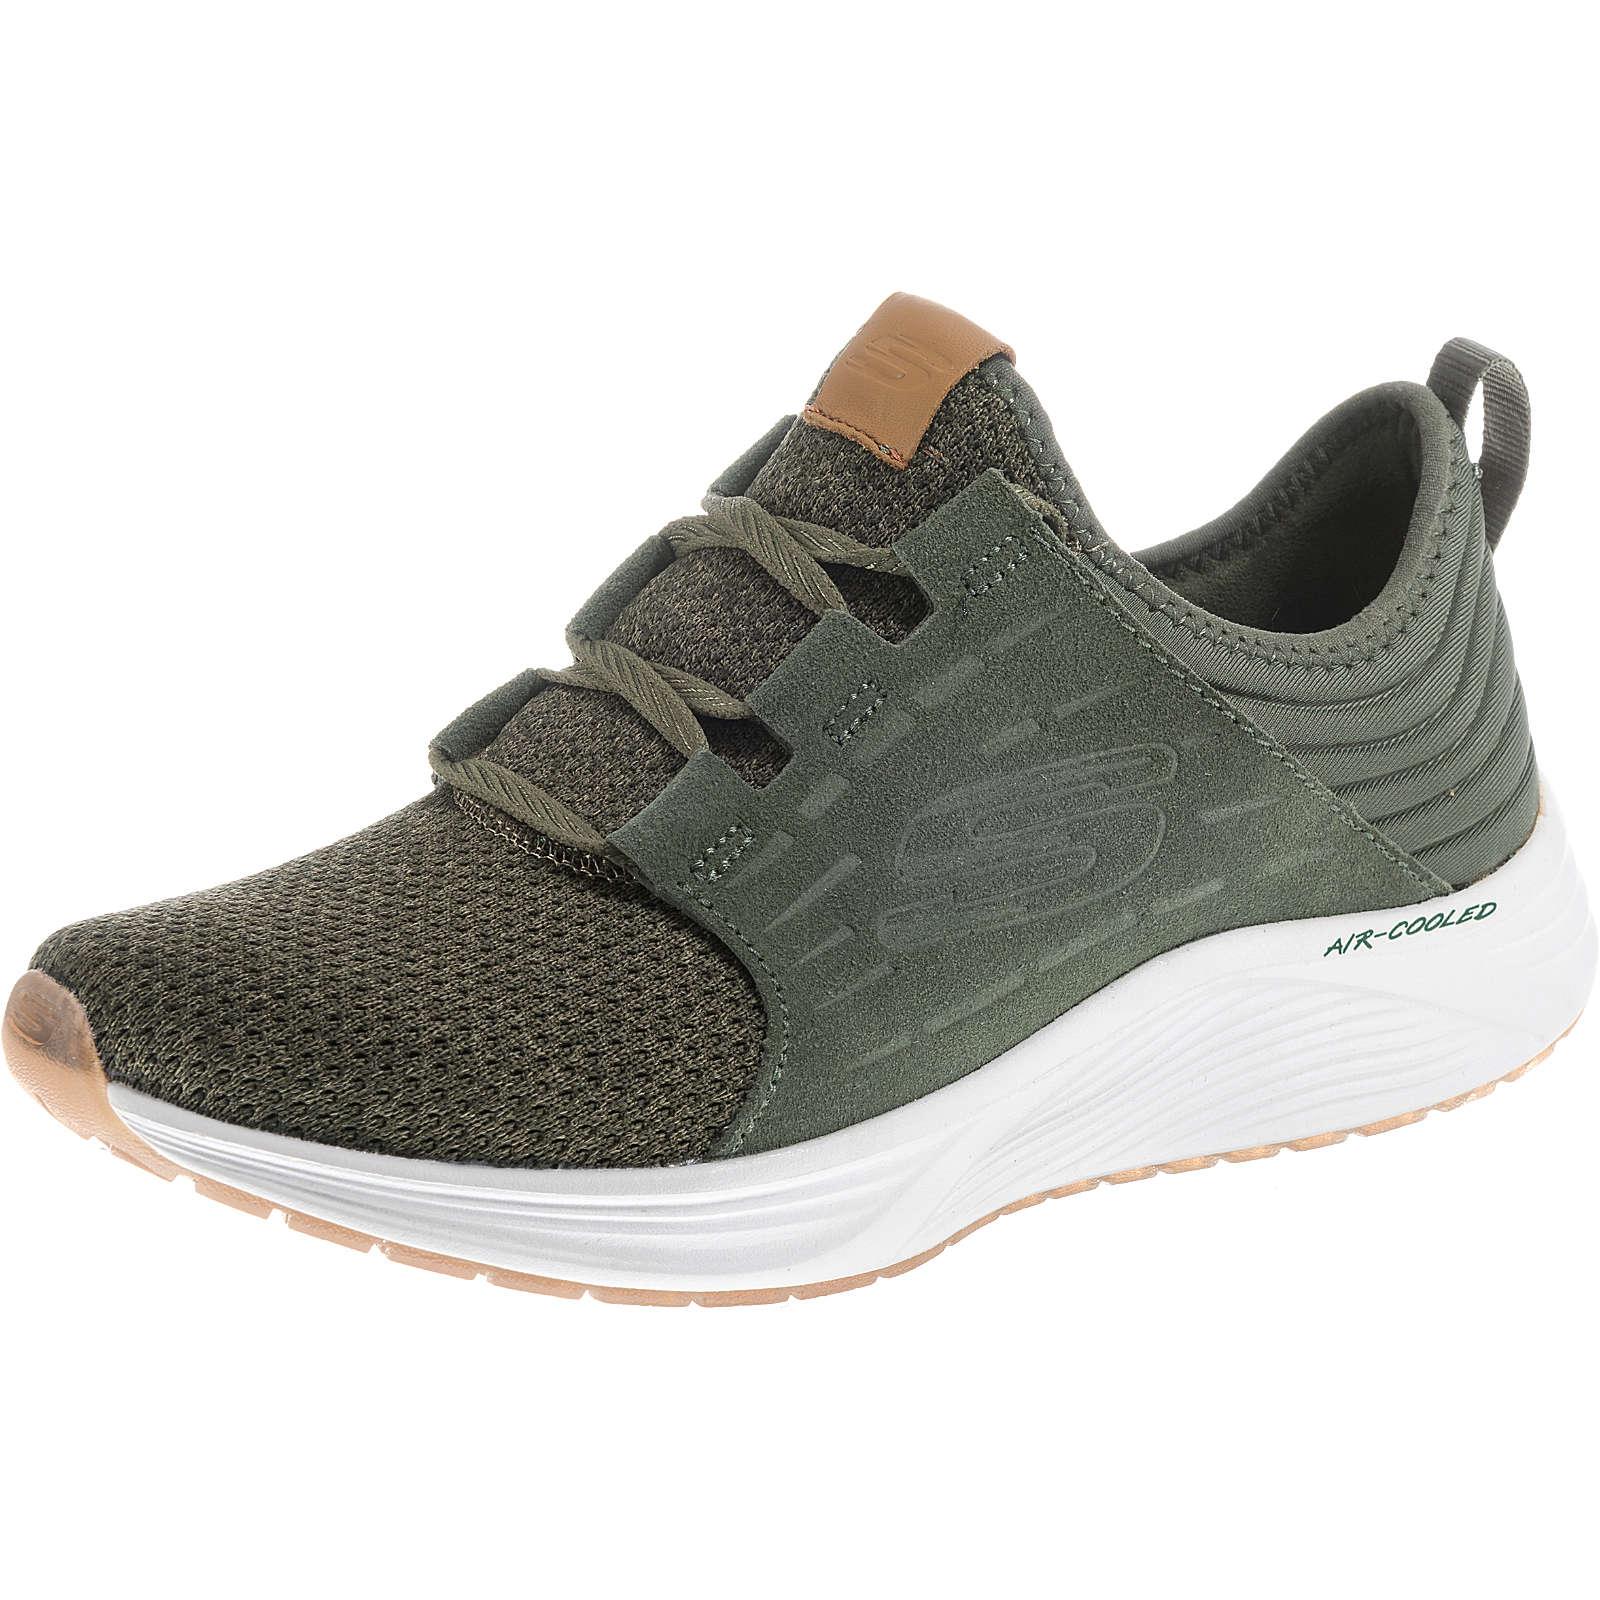 SKECHERS SKYLINE Sneakers Low khaki Damen Gr. 41